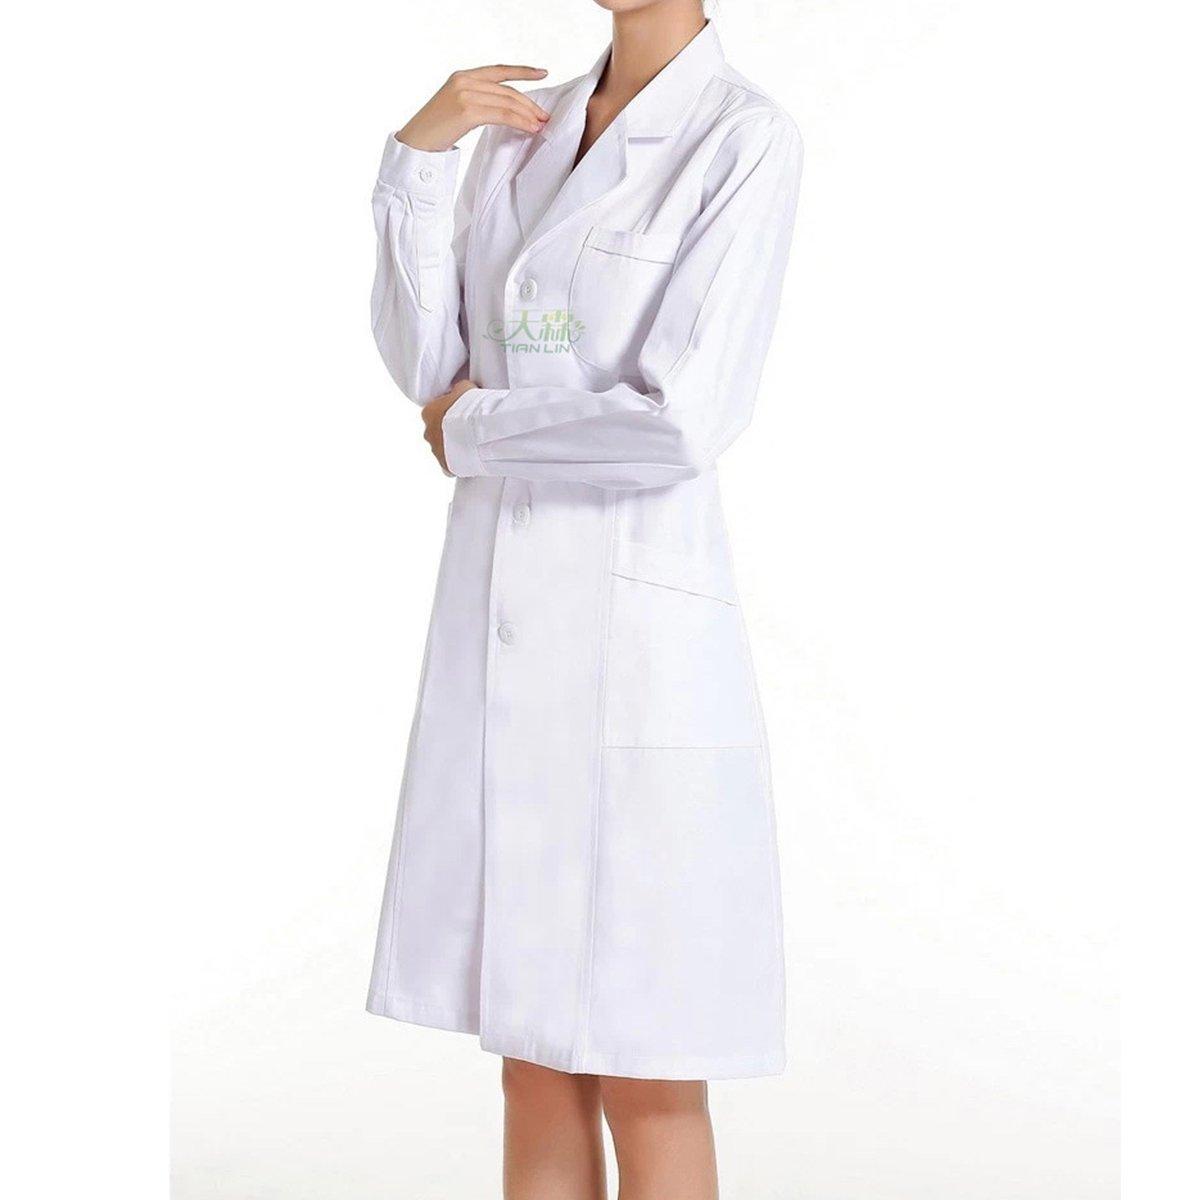 Bata de Médico Laboratorio Enfermera Sanitaria Ropa y uniformes de trabajo de Trabajo Blanca de Manga Larga para Mujer (M): Amazon.es: Ropa y accesorios